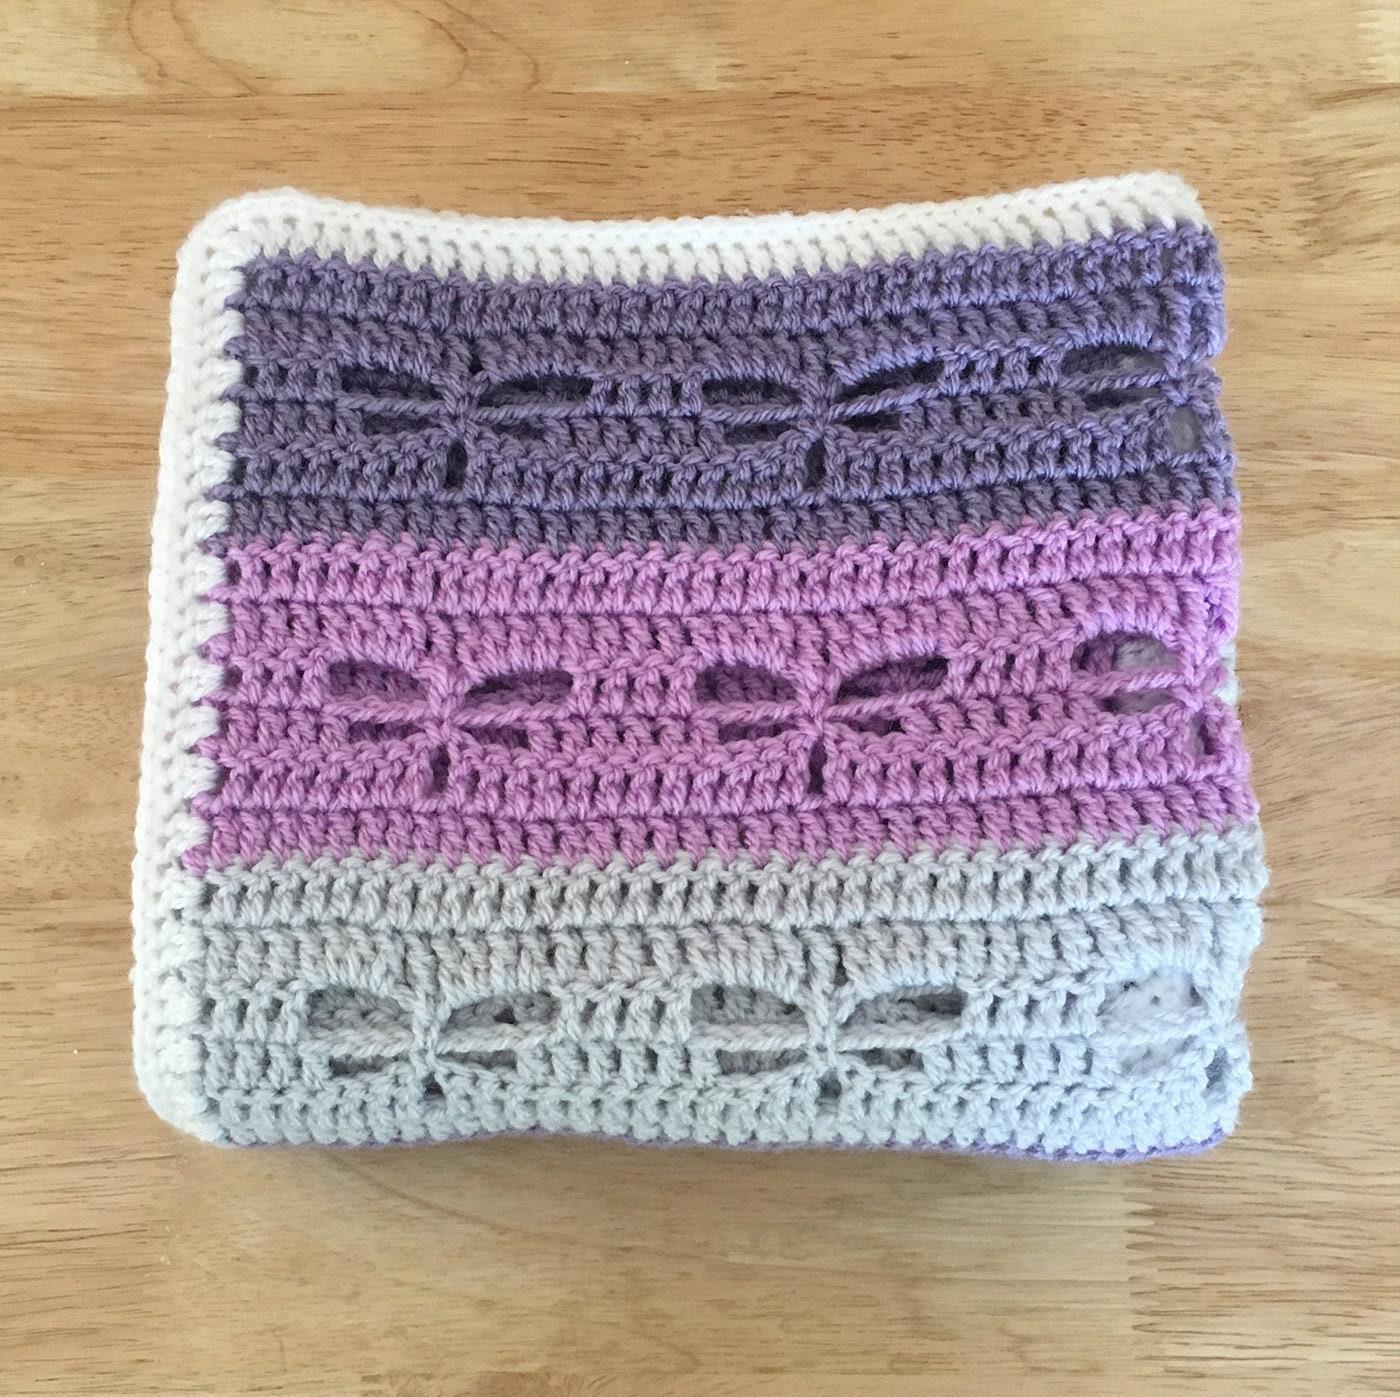 Dragonfly Crochet Baby Blanket Baby Blanket Crochet Baby Etsy